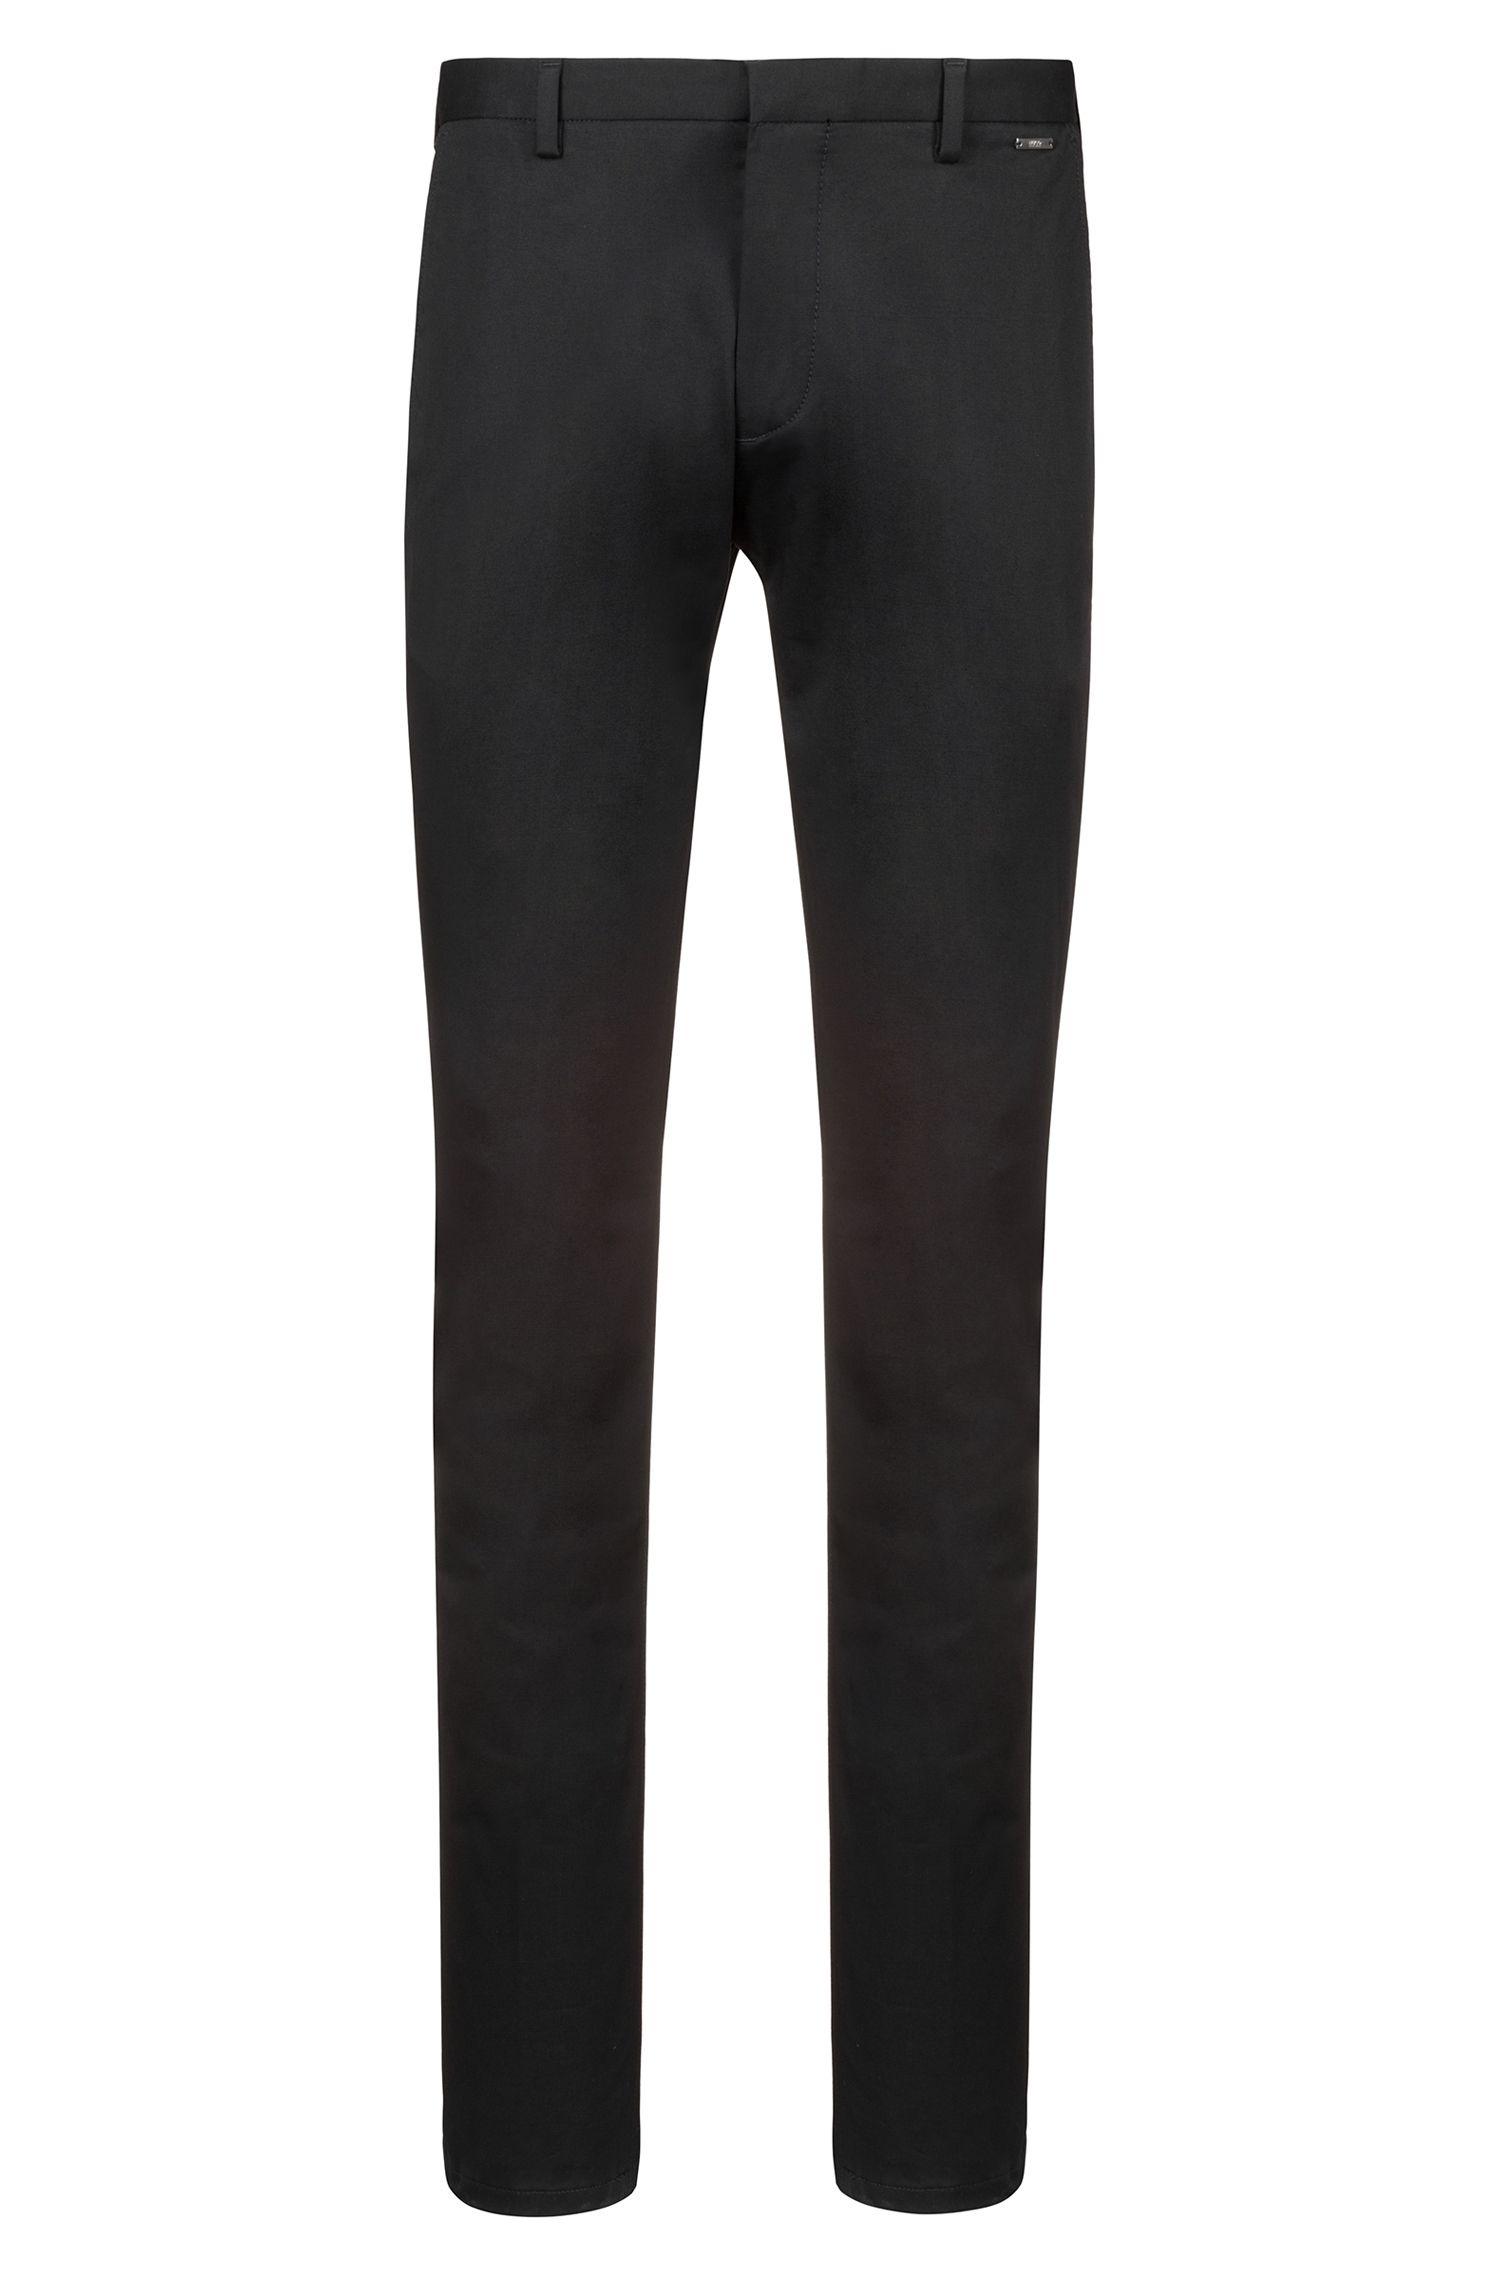 Pantalones slim fit en tejido de gabardina de algodón elástico ligero, Negro